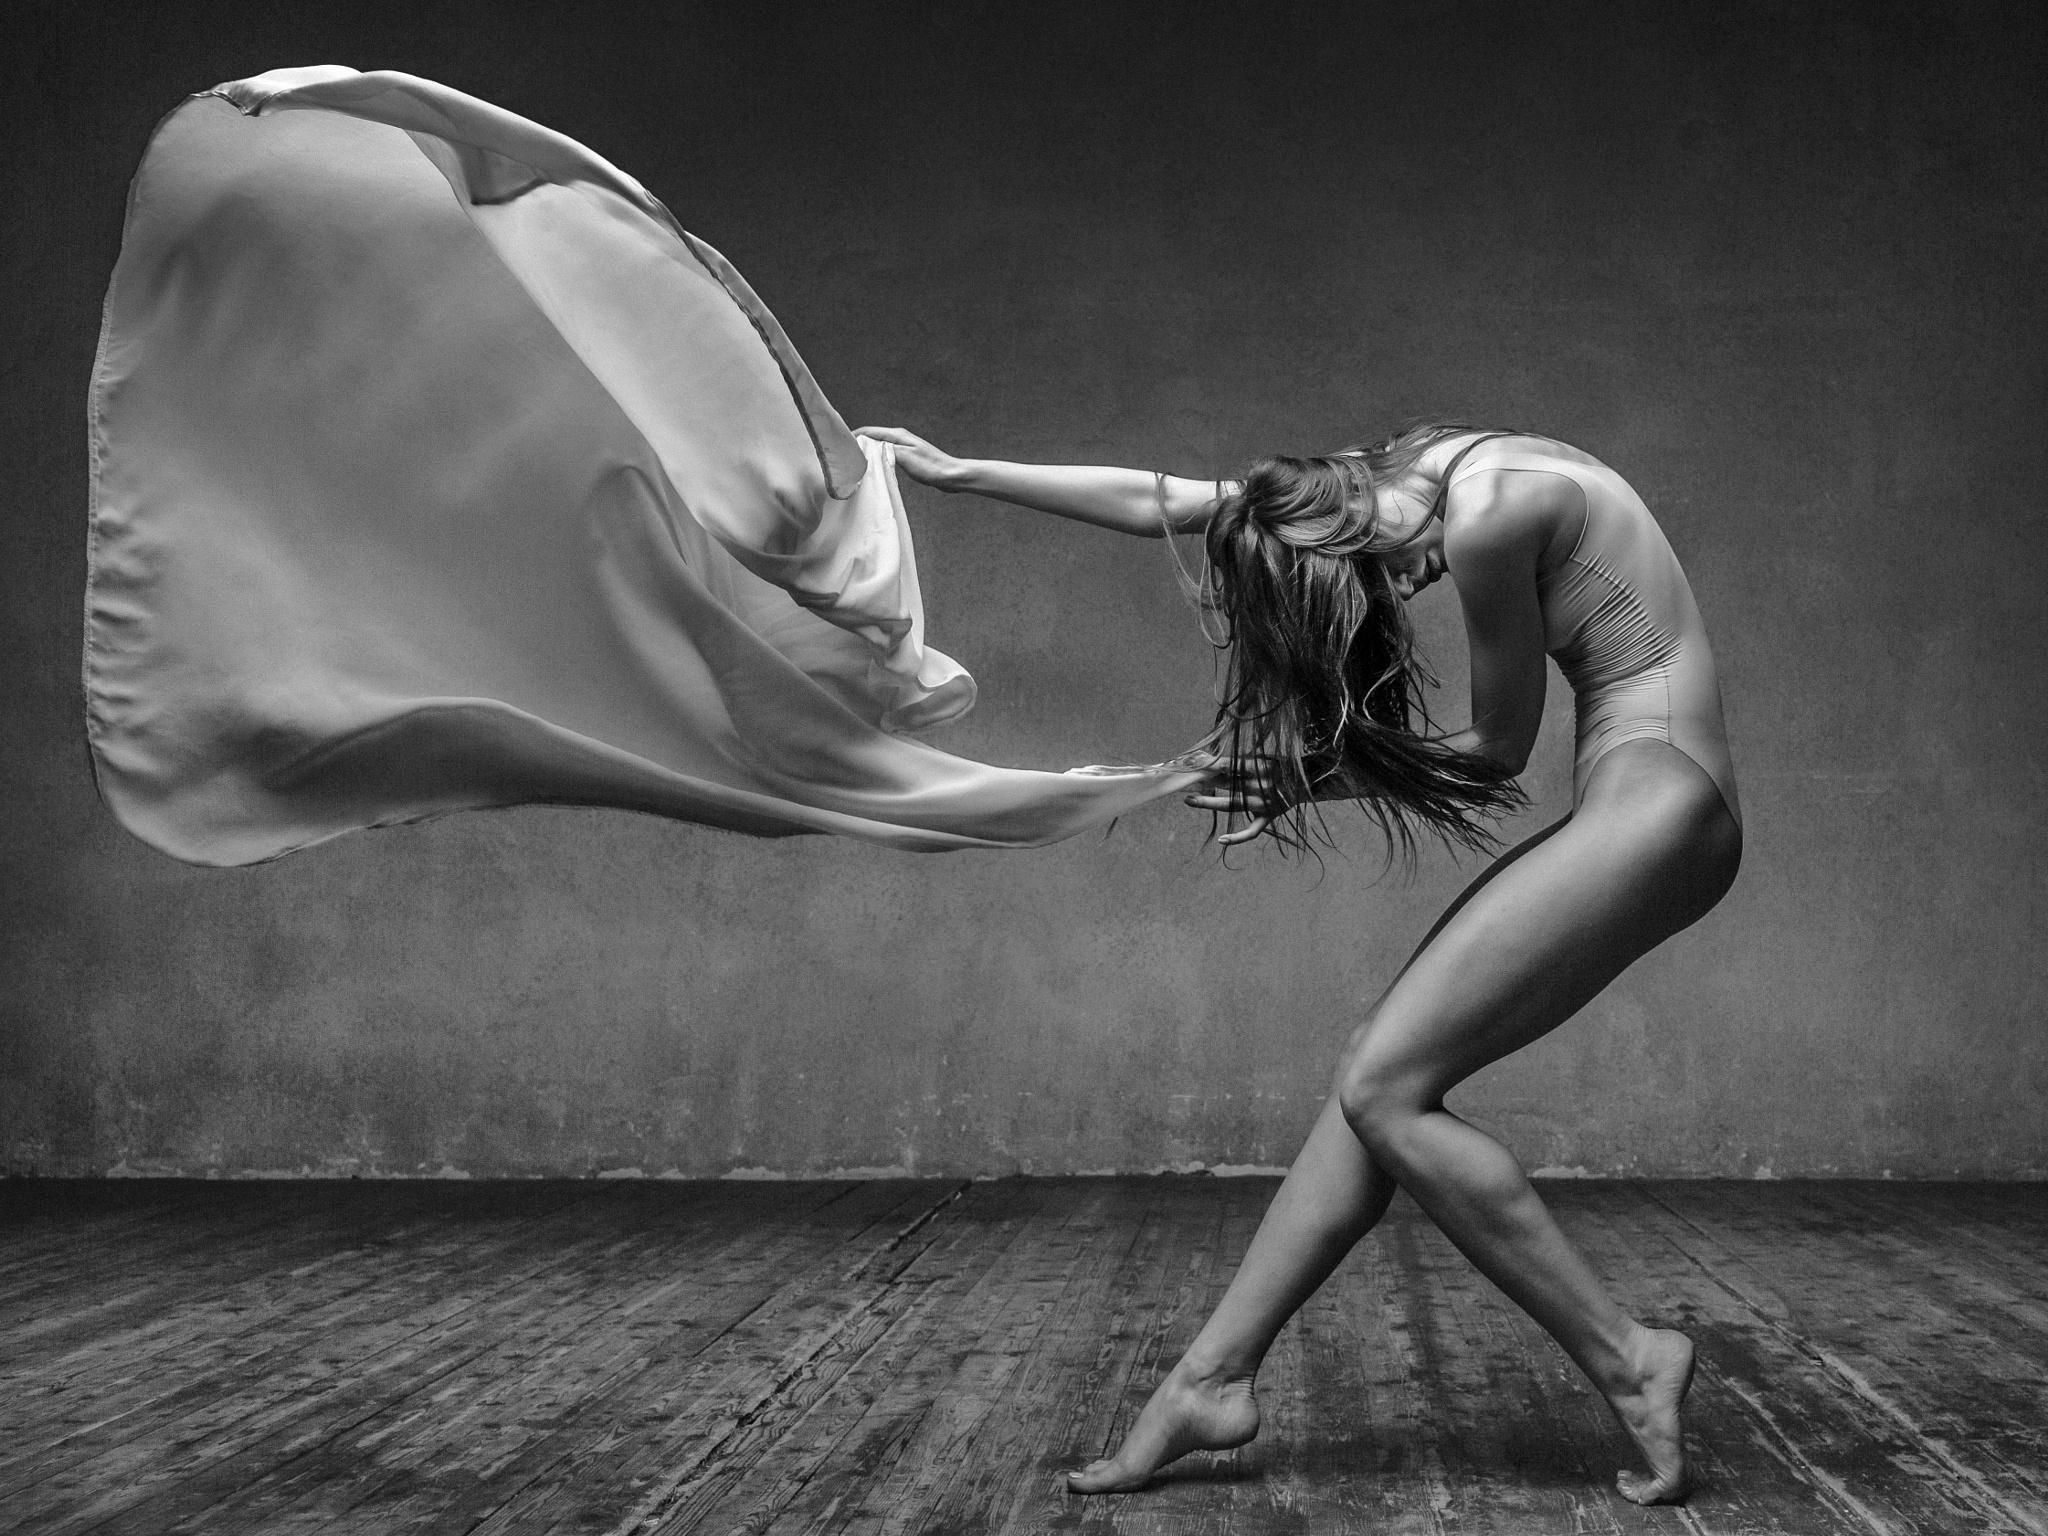 Танци голых девушек, Голые танцы 11 фотография